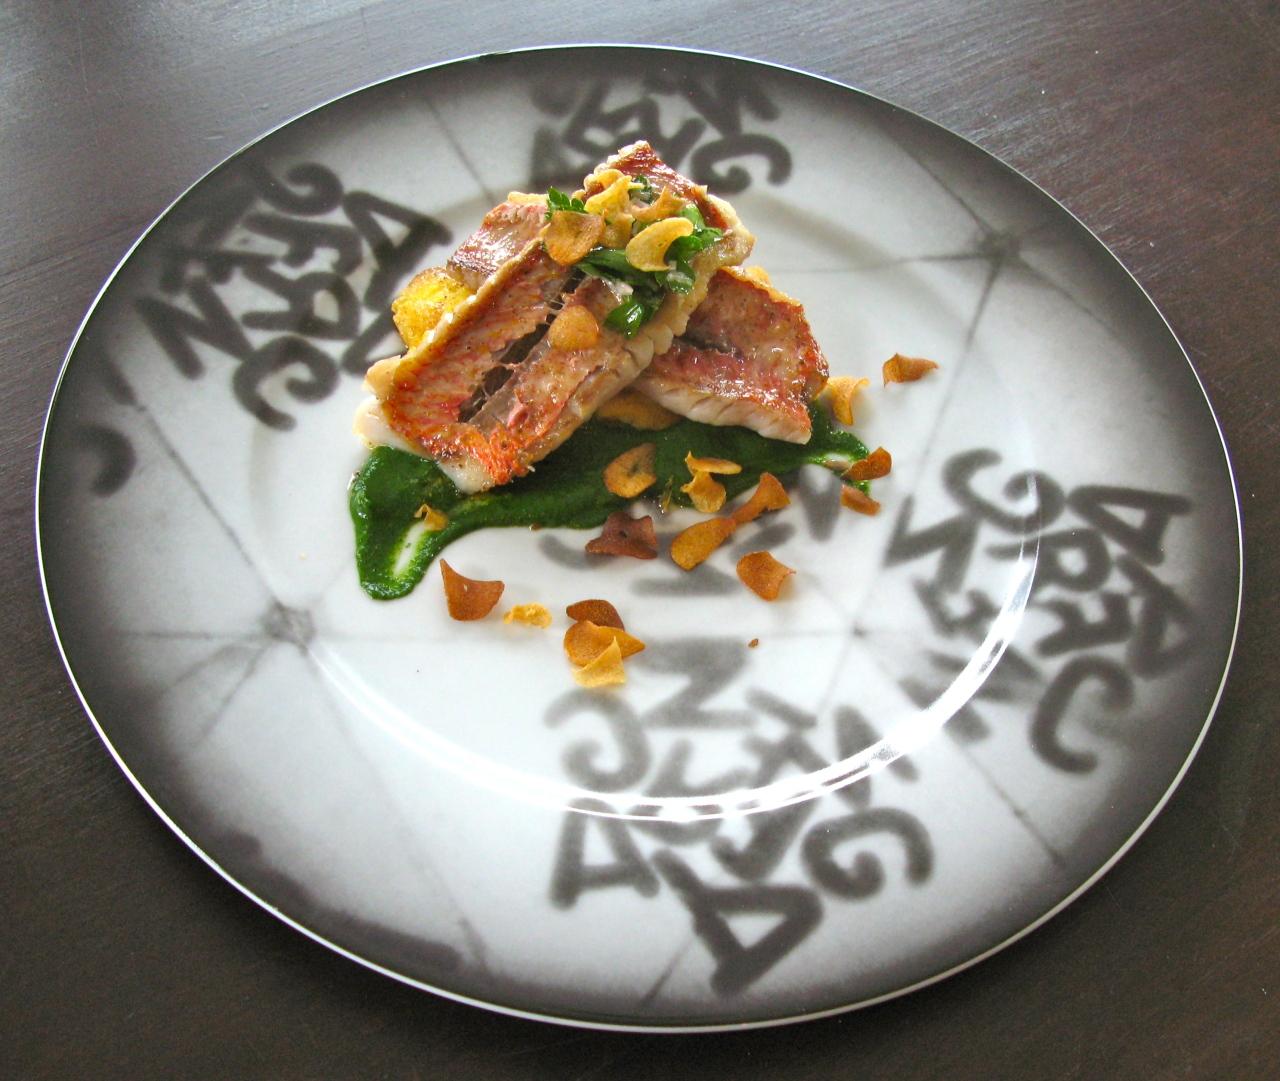 Fish and Chips | Rotbarbe, Knoblauchküchle & Chips, Petersiliecoulis – ein Gericht von ThomasKeller